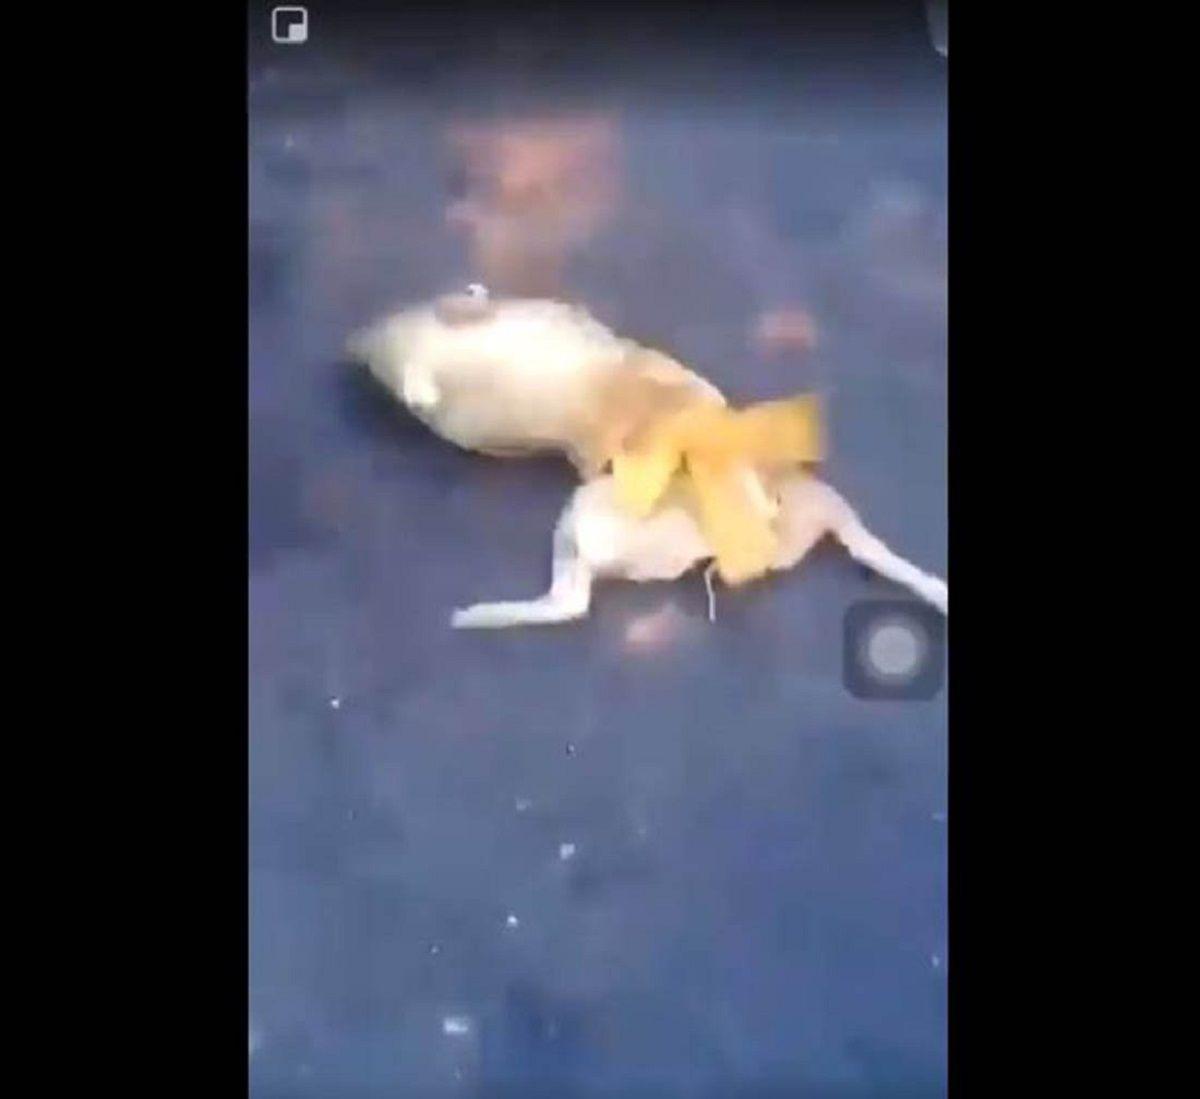 VIDEO: Hinchas de River revolearon a un lechón muerto en Libertador